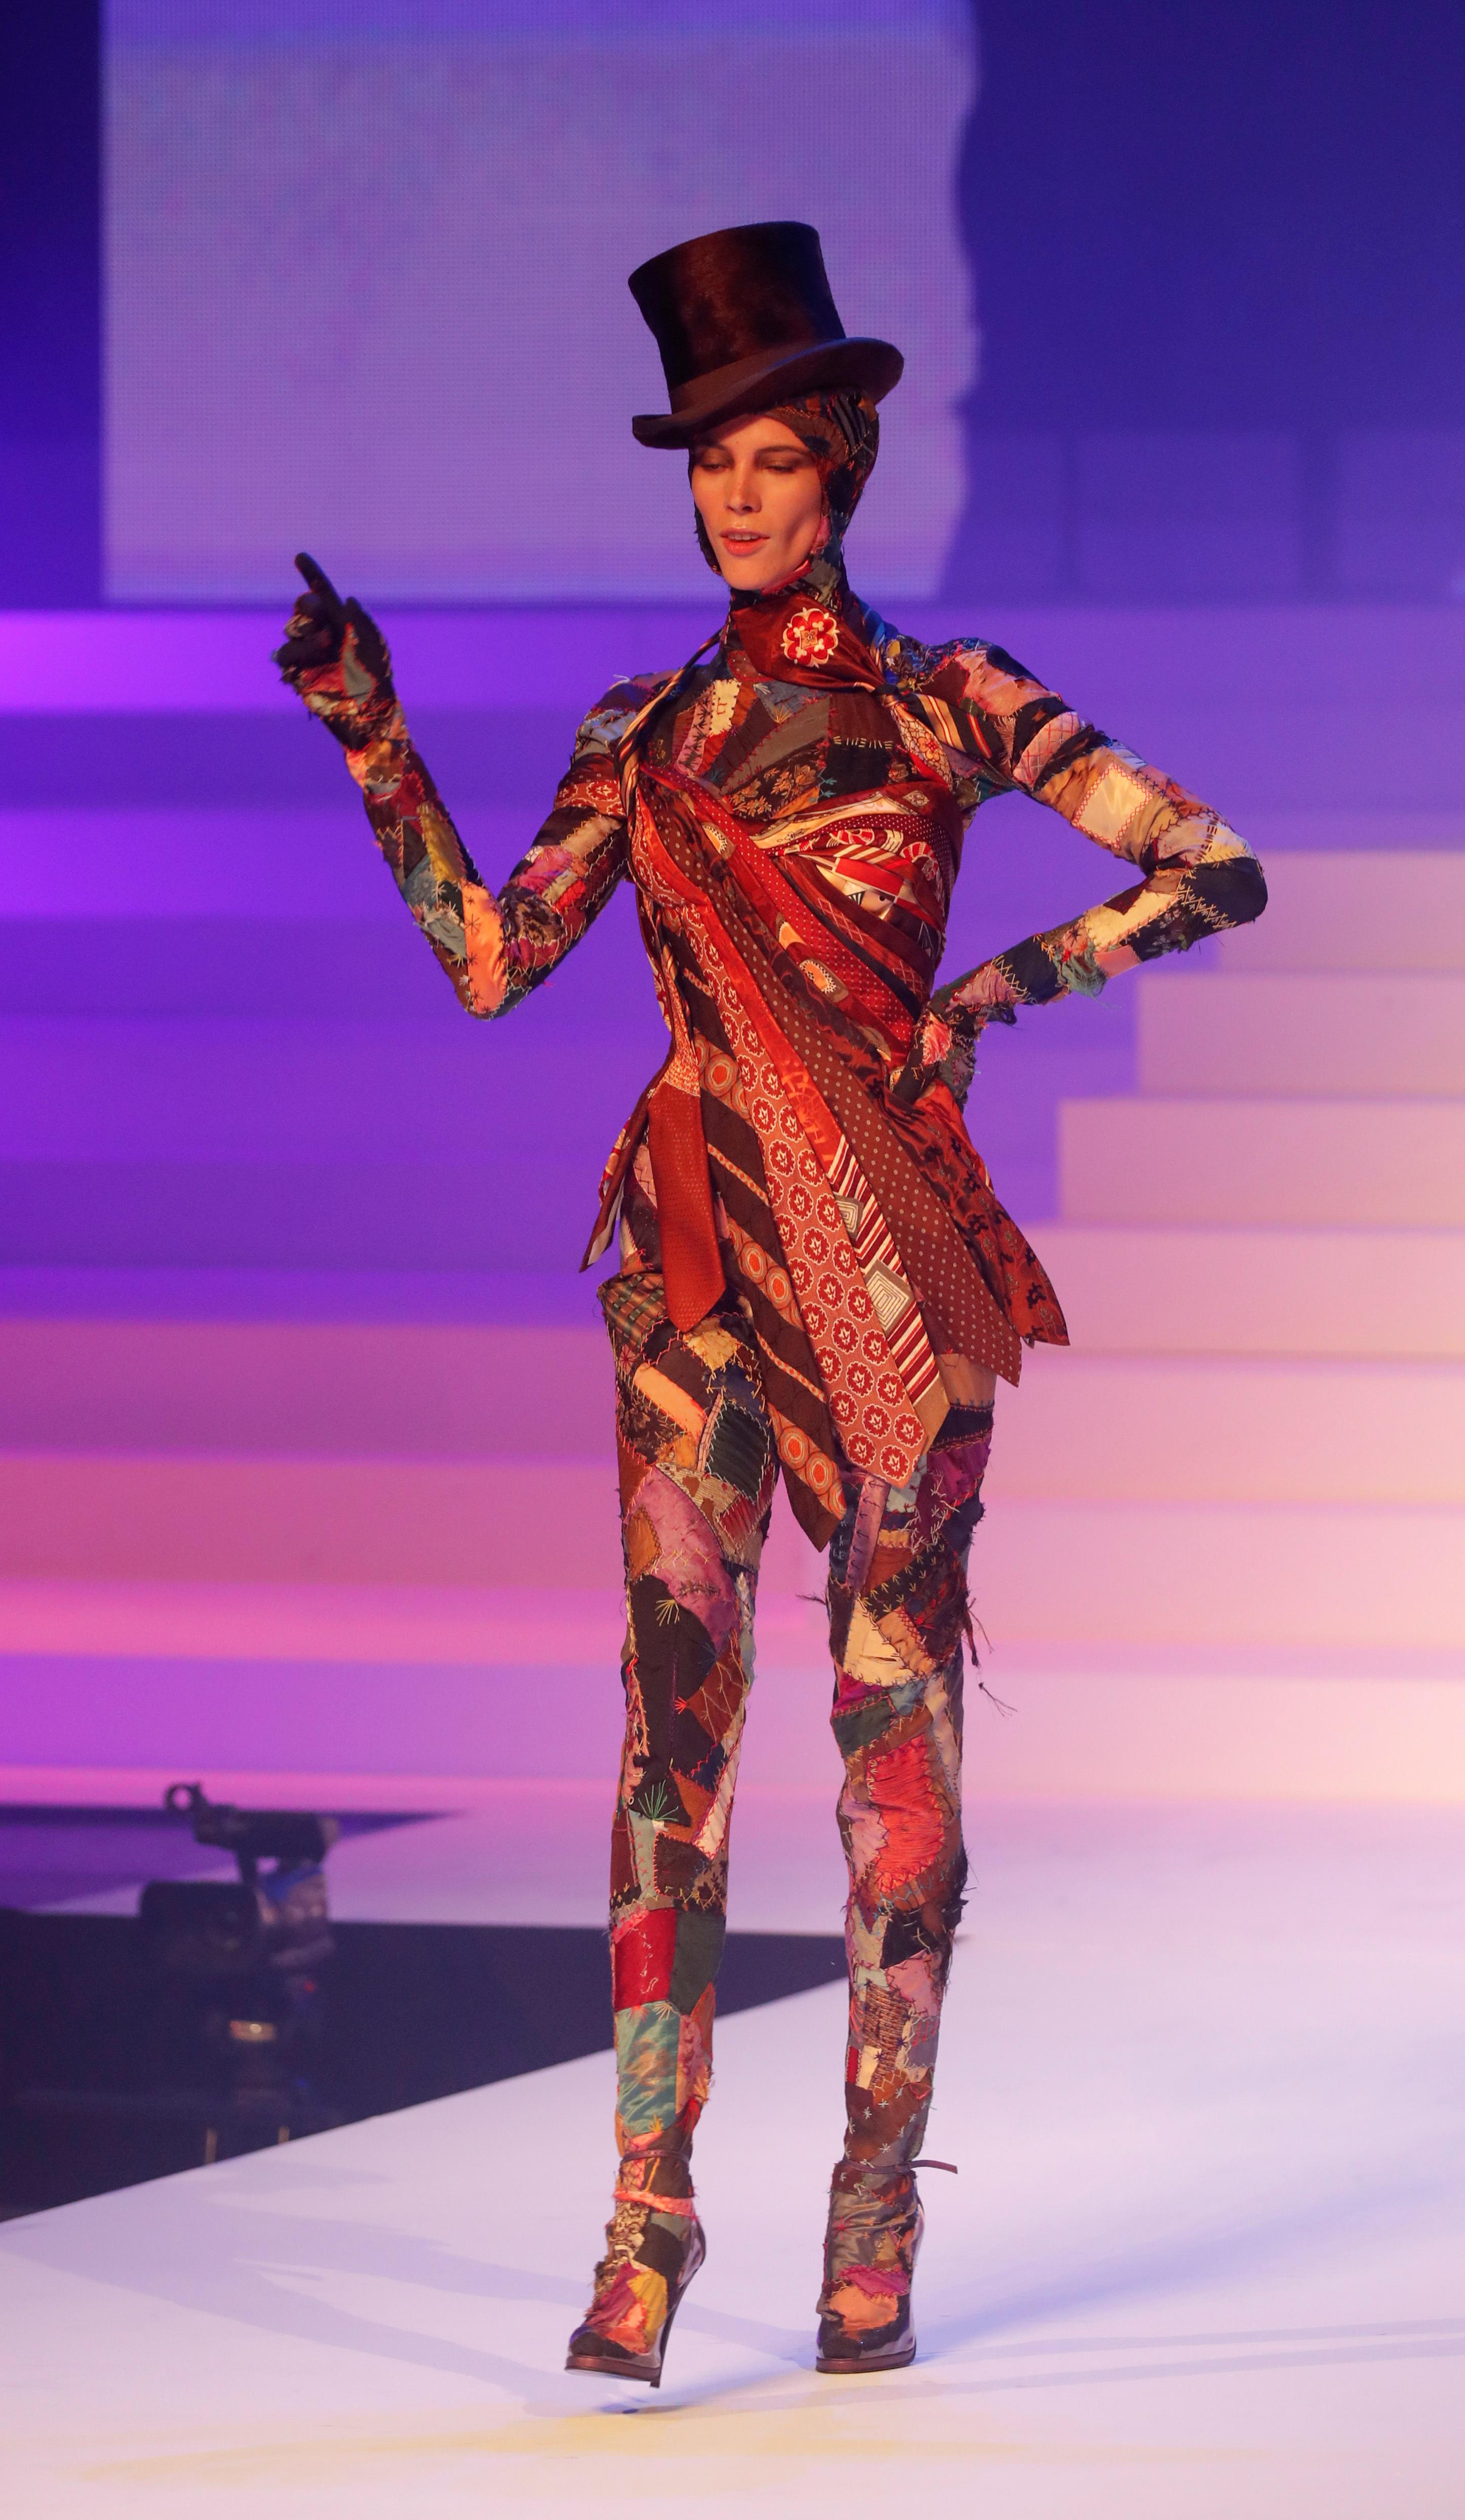 Un innovador en diseño. Un modelo realizado con corbatas y patchwork en tonalidades rojo con galera y zapato de taco